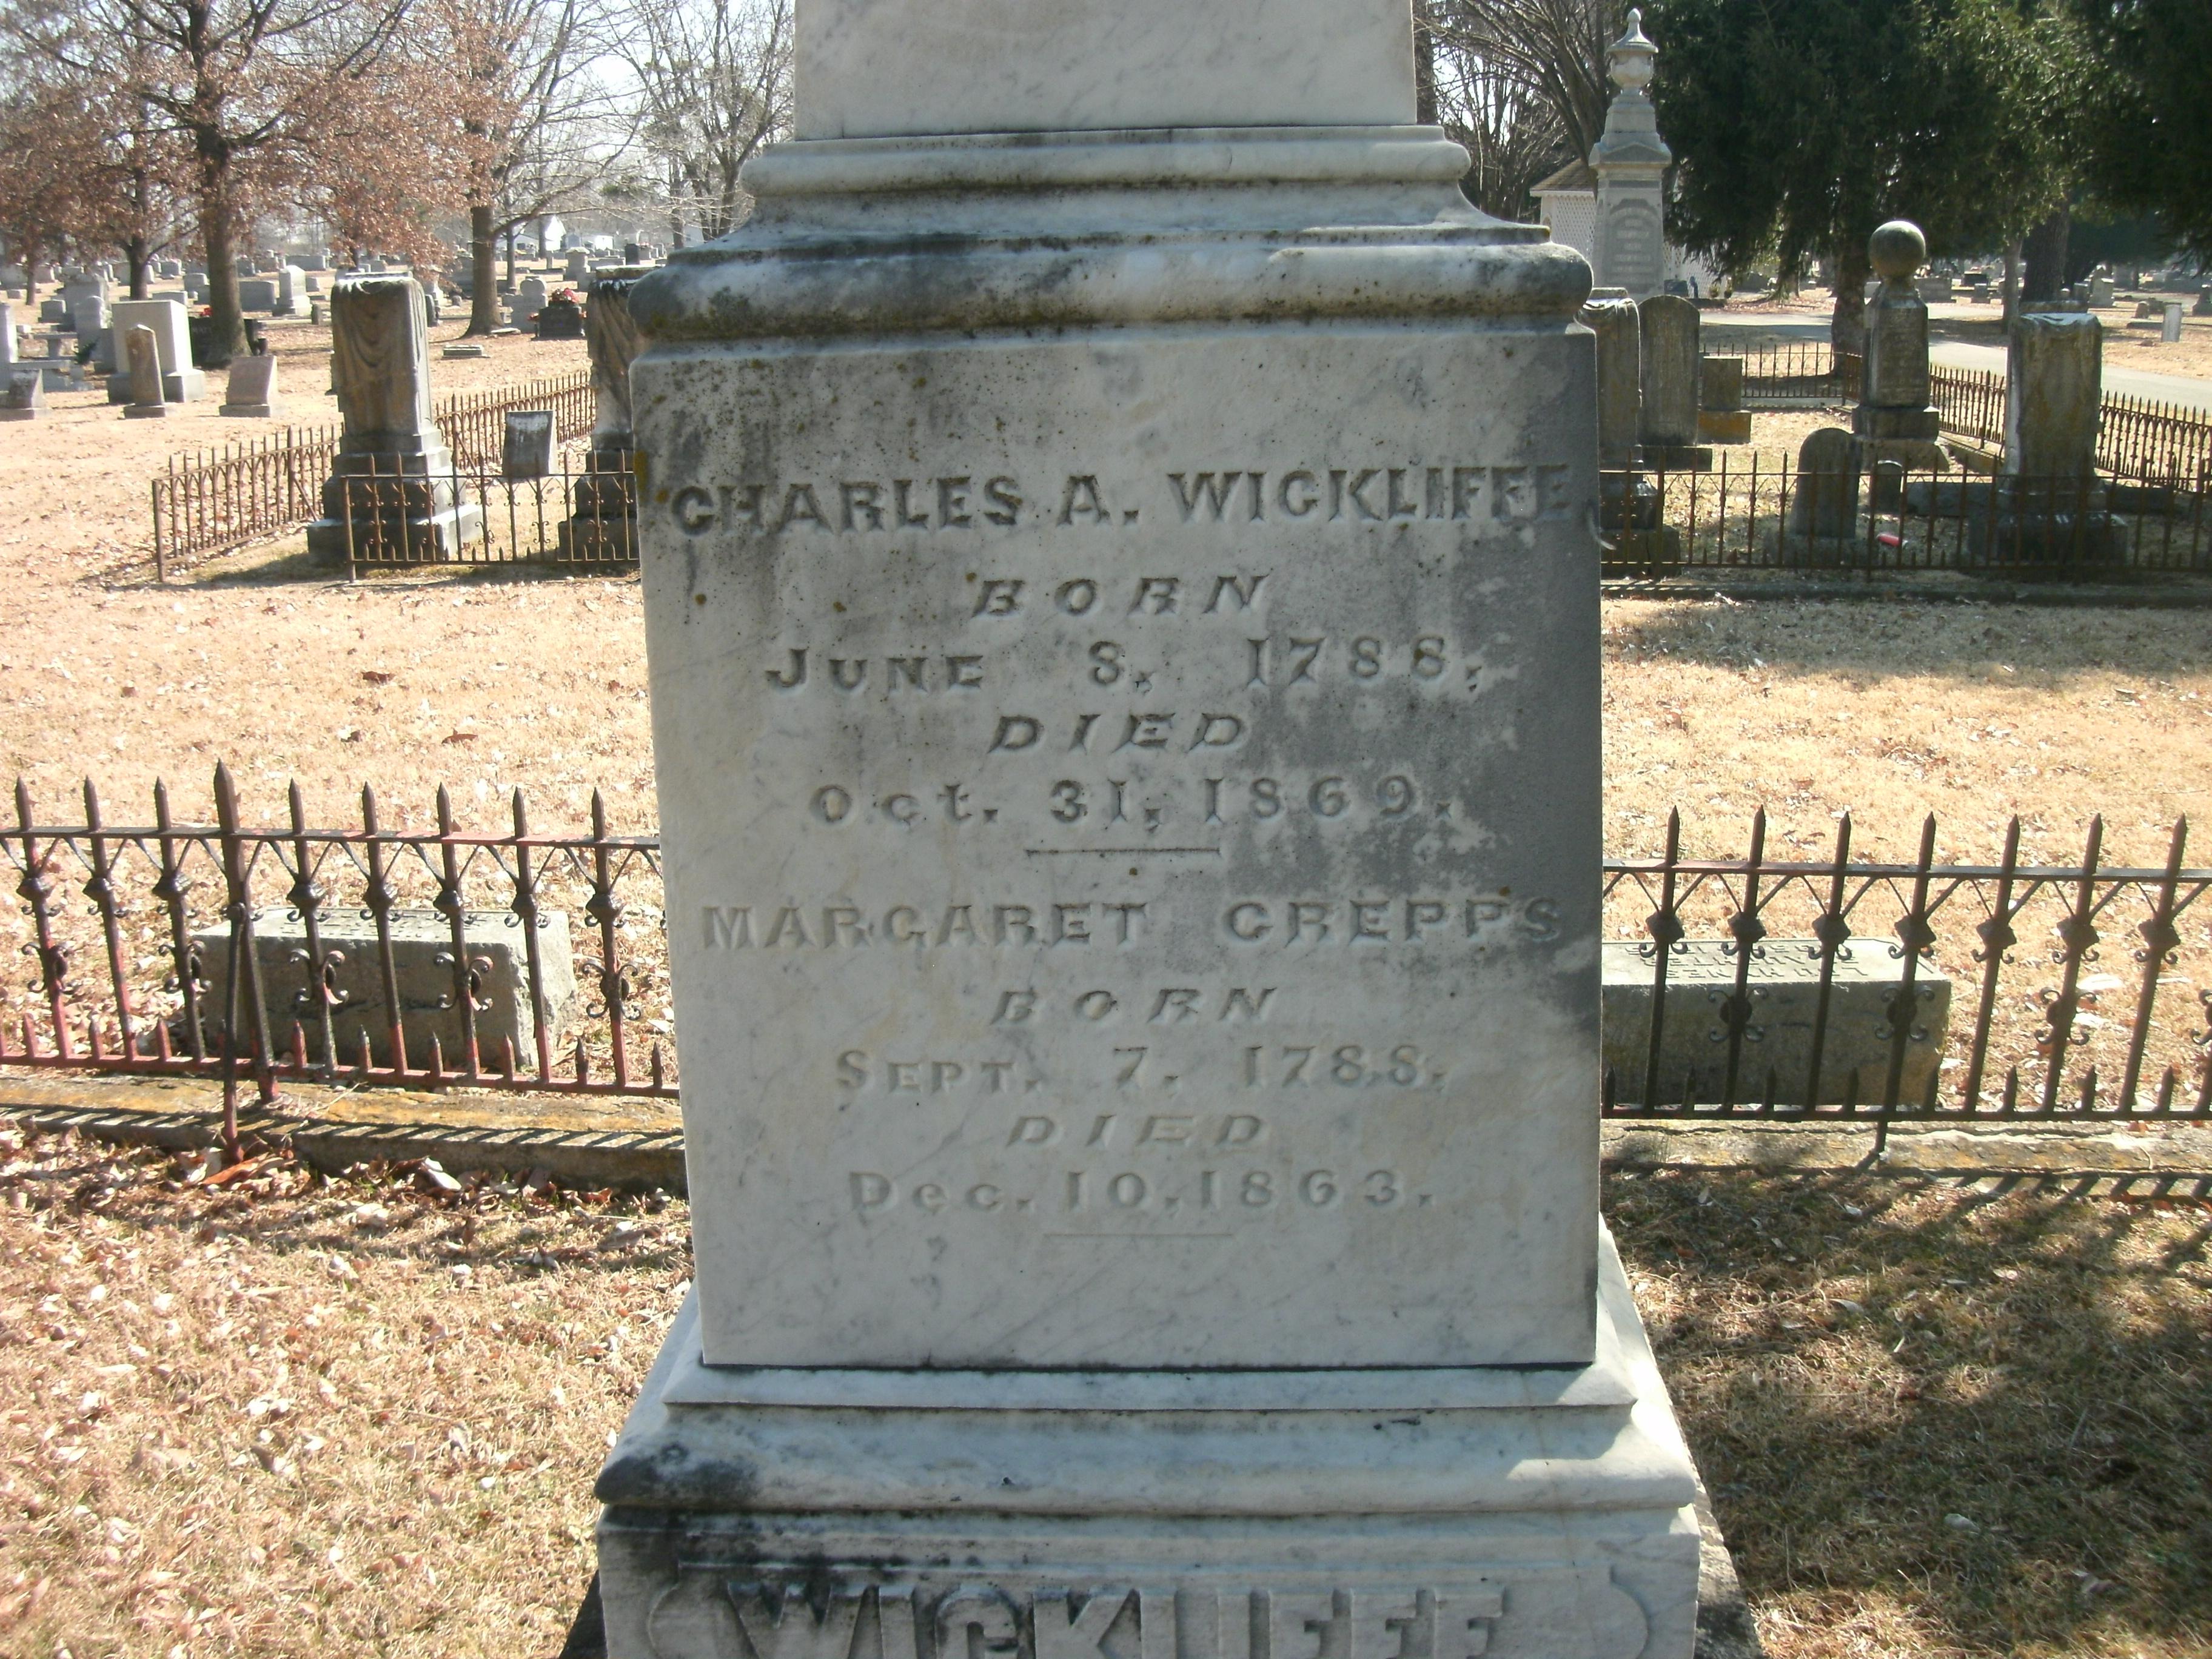 Margaret <i>Crepps</i> Wickliffe